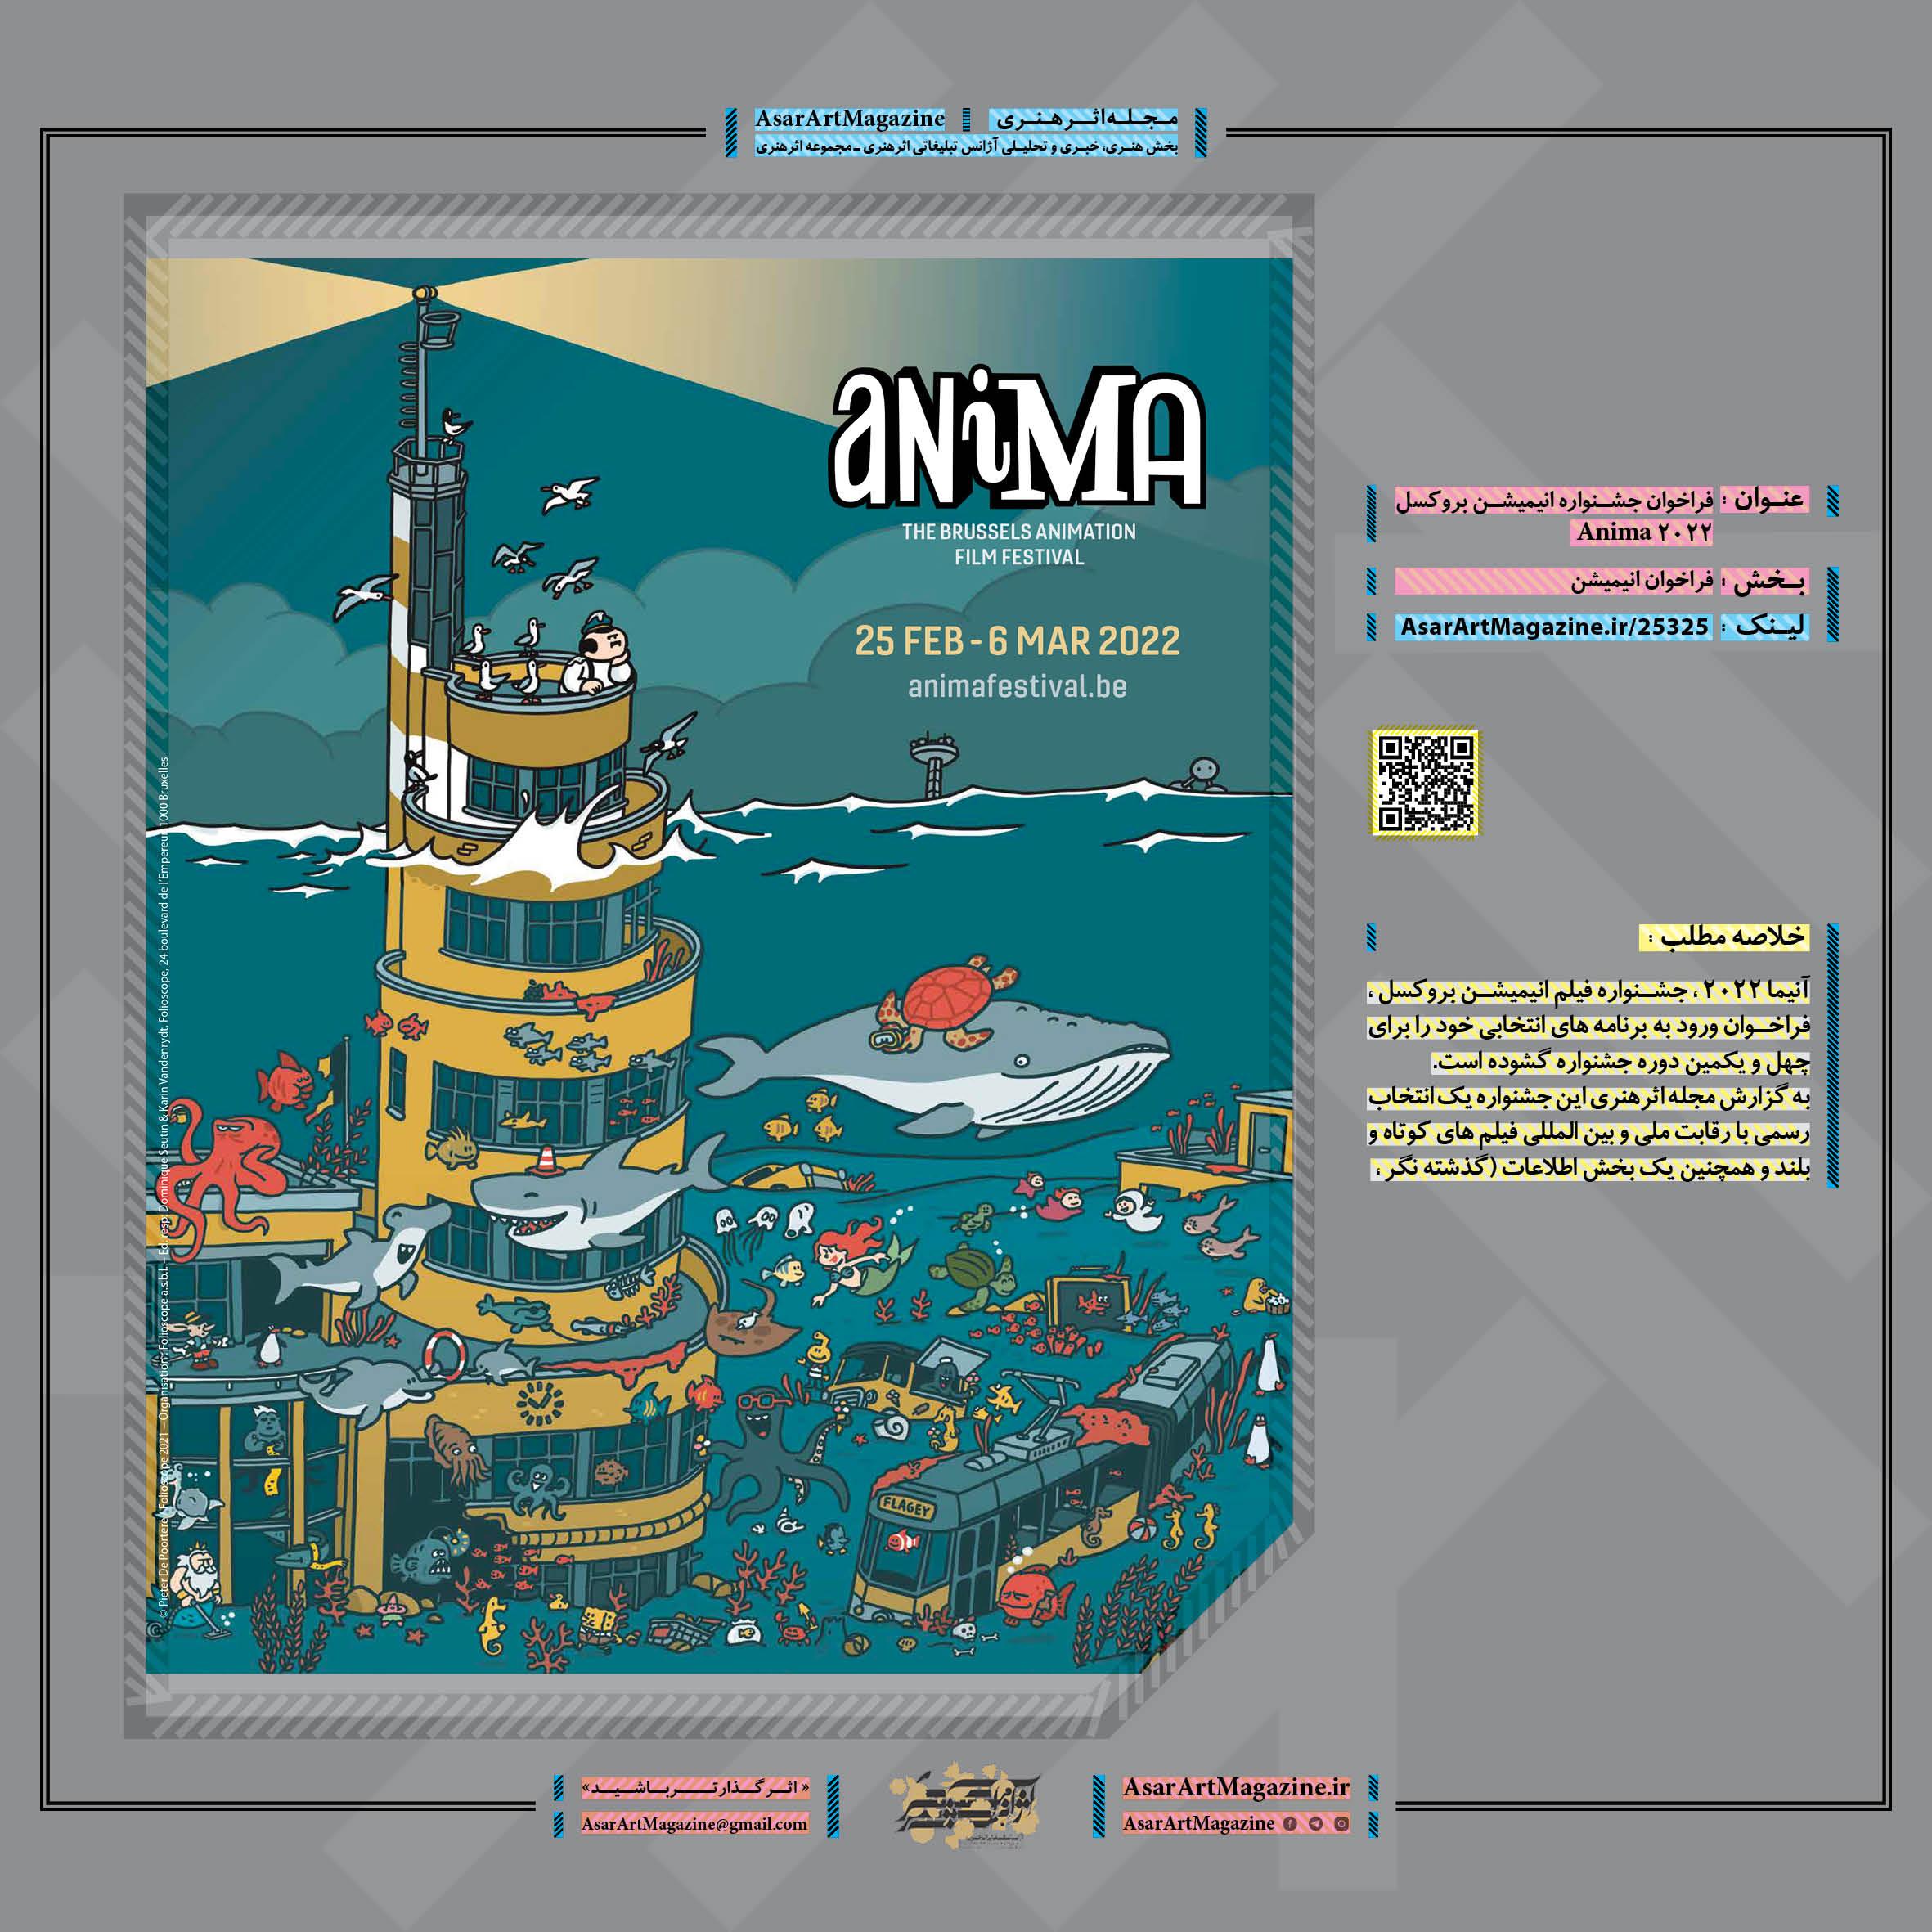 فراخوان جشنواره انیمیشن بروکسل Anima 2022  مجله اثرهنری ـ اثر هنری